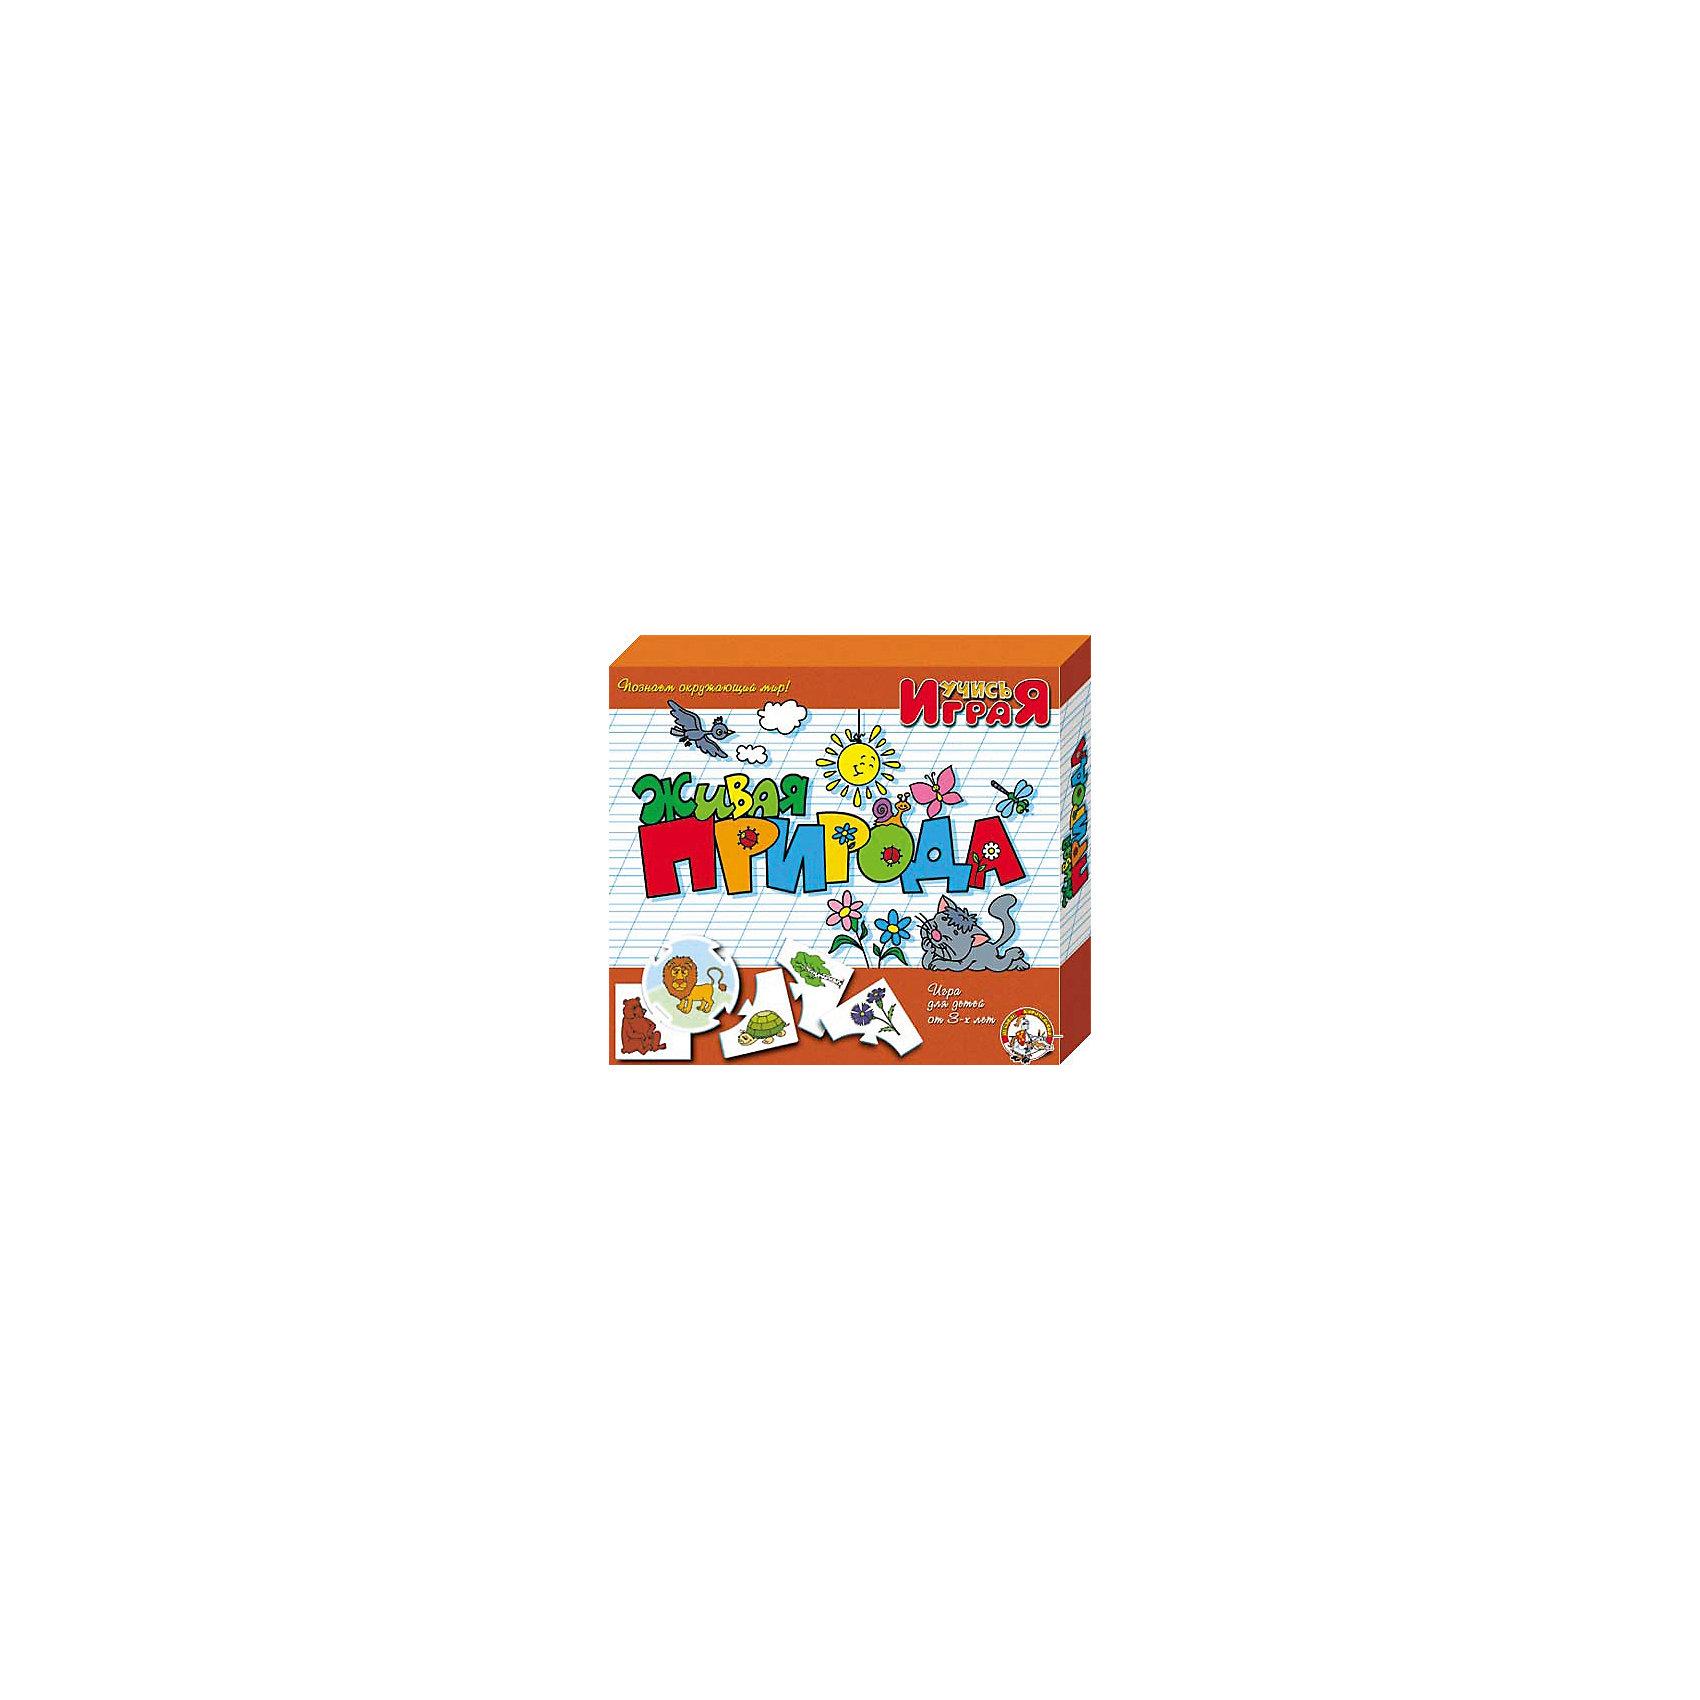 Игра обучающая  Живая природа, Десятое королевствоИгра обучающая Живая природа, Десятое королевство<br><br>Характеристики:<br><br>• Возраст: от 3 лет<br>• Количество игроков: от 1 до 10<br>• В комплекте: 10 карточек заданий, 4 карточки с ответами<br><br>В этой увлекательной обучающей игре могут участвовать одновременно от 1 до 10 детей! В наборе содержатся 10 карточек-заданий, на которых изображены рисунки по теме «живая природа». К каждой необходимо найти 4 карточки-ответа, чтобы дополнить их содержание. В процессе игры дети познают животный и растительный мир, развивают логическое мышление и память, работают над мелкой моторикой и расширяют свои знания и представления об окружающем мире.<br><br>Игра обучающая Живая природа, Десятое королевство можно купить в нашем интернет-магазине.<br><br>Ширина мм: 230<br>Глубина мм: 200<br>Высота мм: 35<br>Вес г: 230<br>Возраст от месяцев: 84<br>Возраст до месяцев: 2147483647<br>Пол: Унисекс<br>Возраст: Детский<br>SKU: 5471676